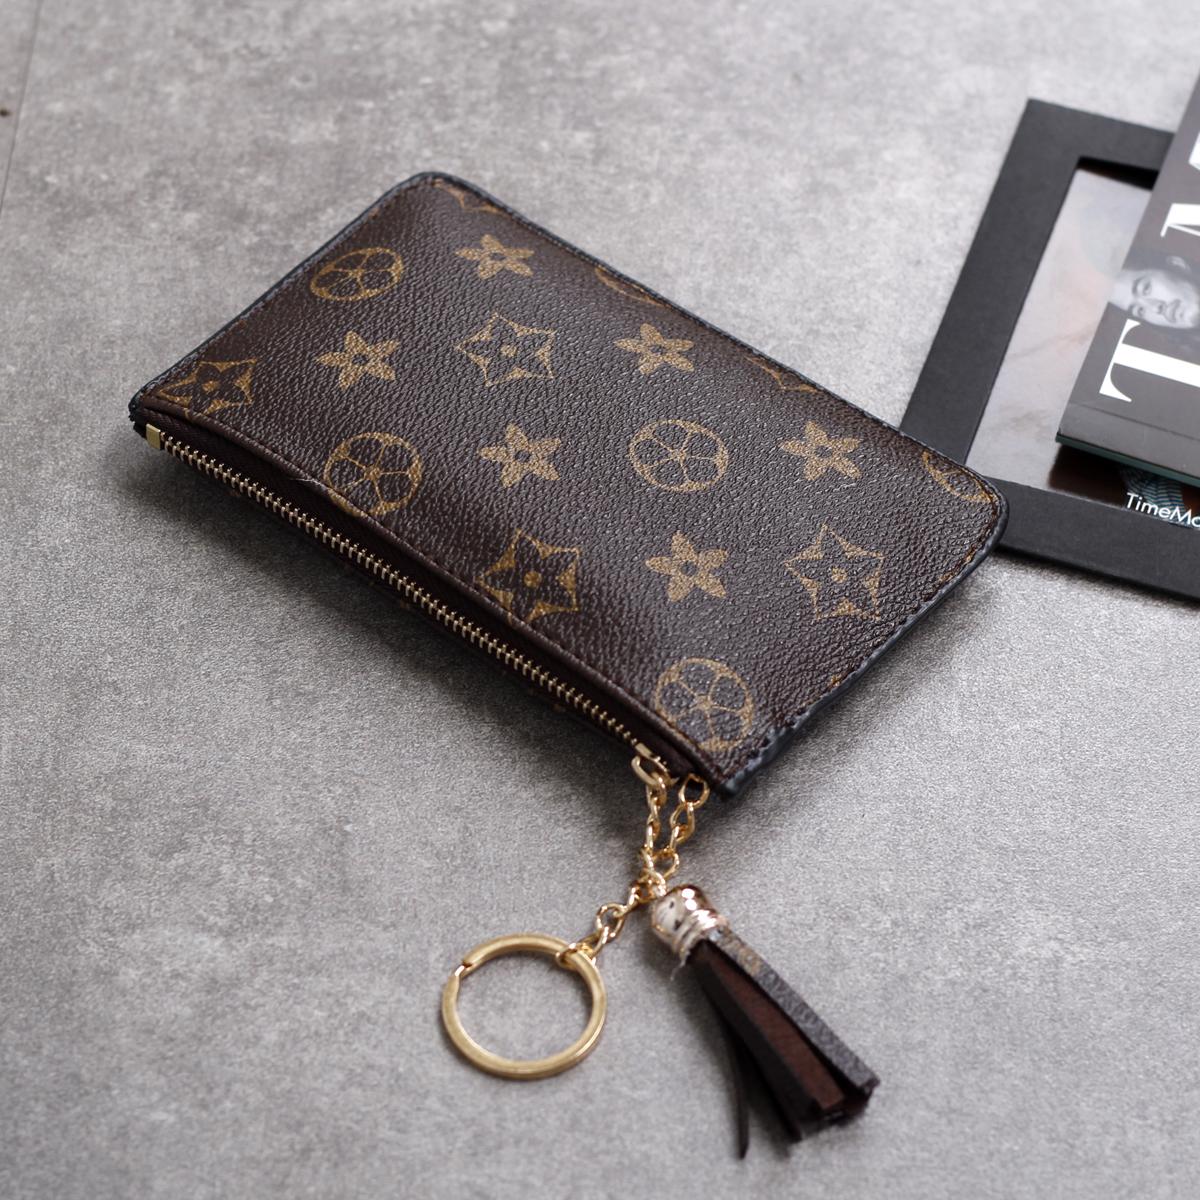 老花女包零钱包多卡位卡包女式韩国卡片包迷你超薄钱包名片夹卡套